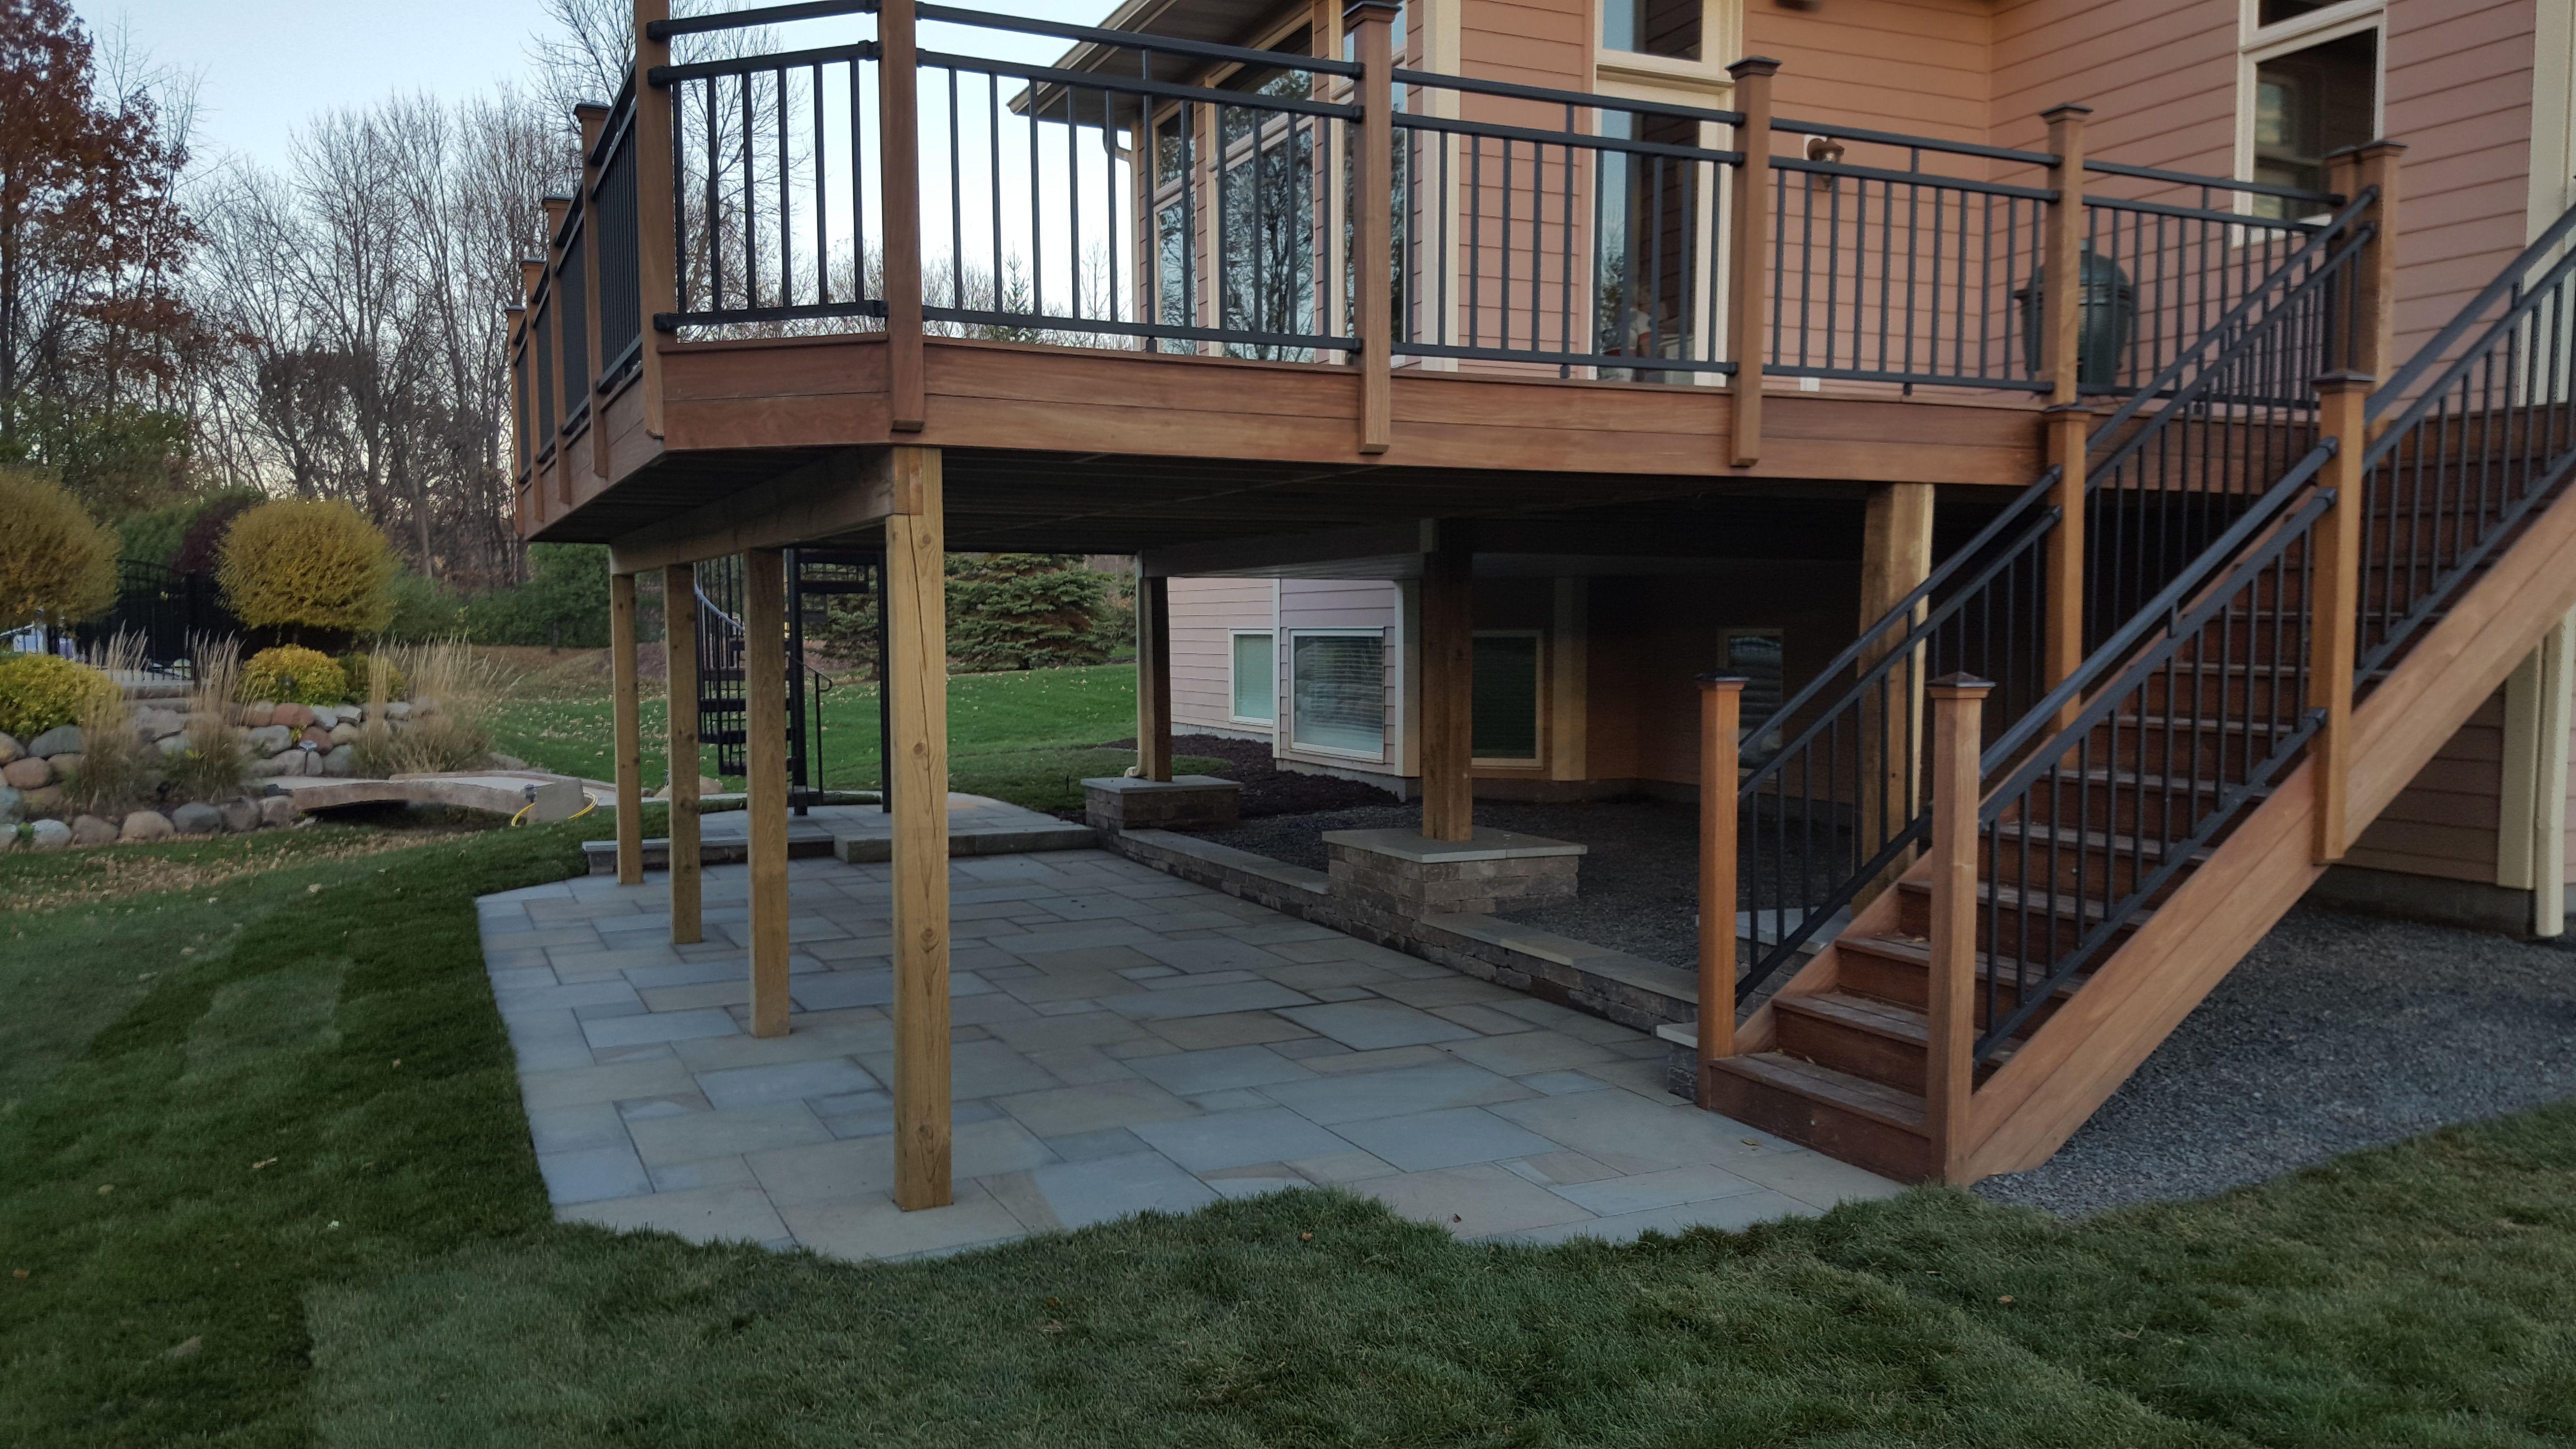 Ipe Deck Stairs And Paver Patio Paver Patio Patio Under Decks Patio